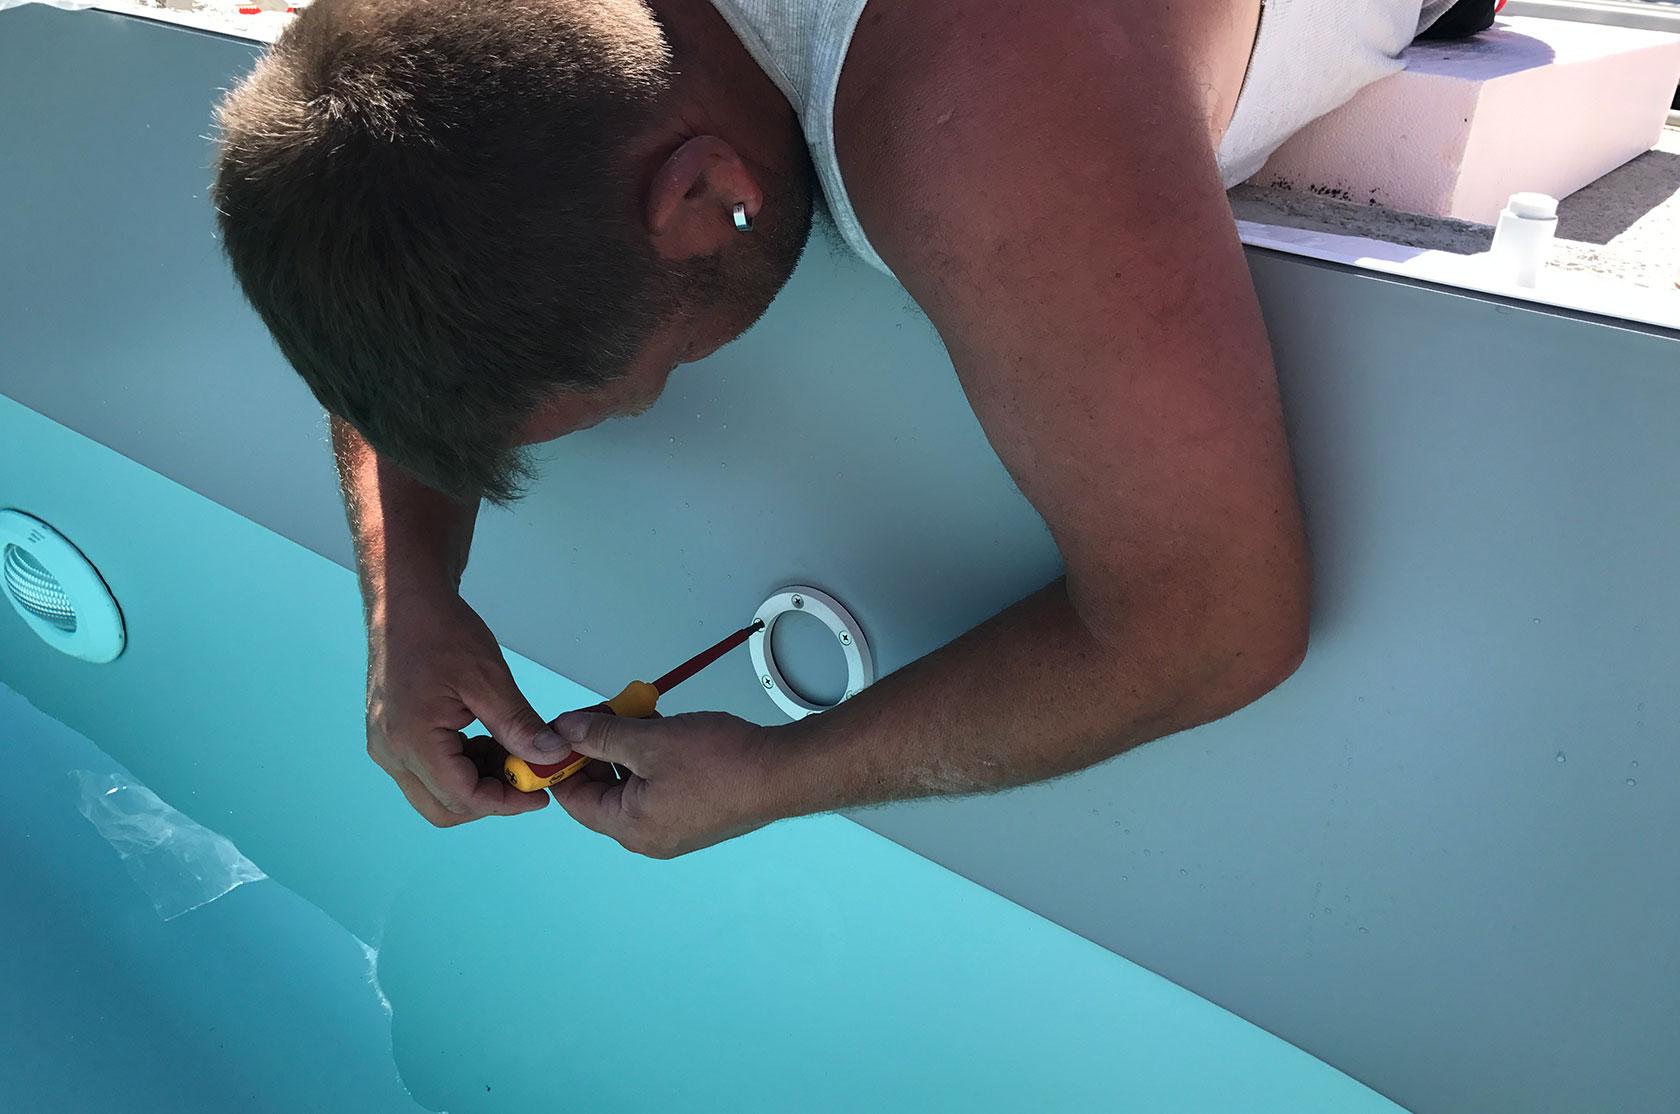 Styroporpools im berblick artikel sofort kaufen oder sie for Poolfolie montieren